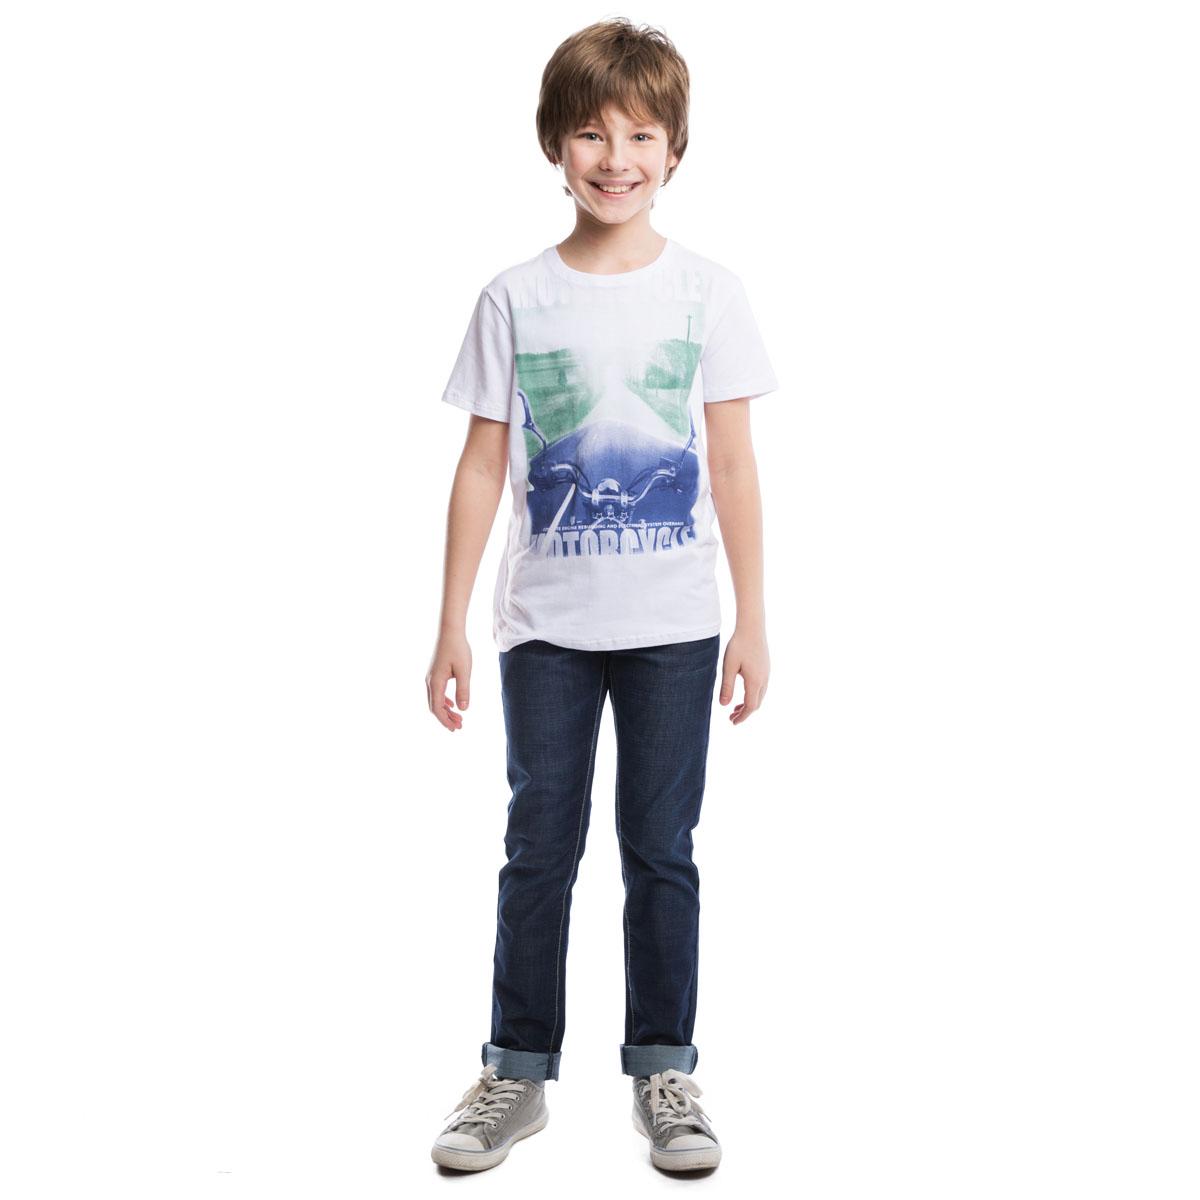 263008Мягкая хлопковая футболка белого цвета.Воротник на резинке. Украшена крупным водным фотопринтом с мотоциклом.